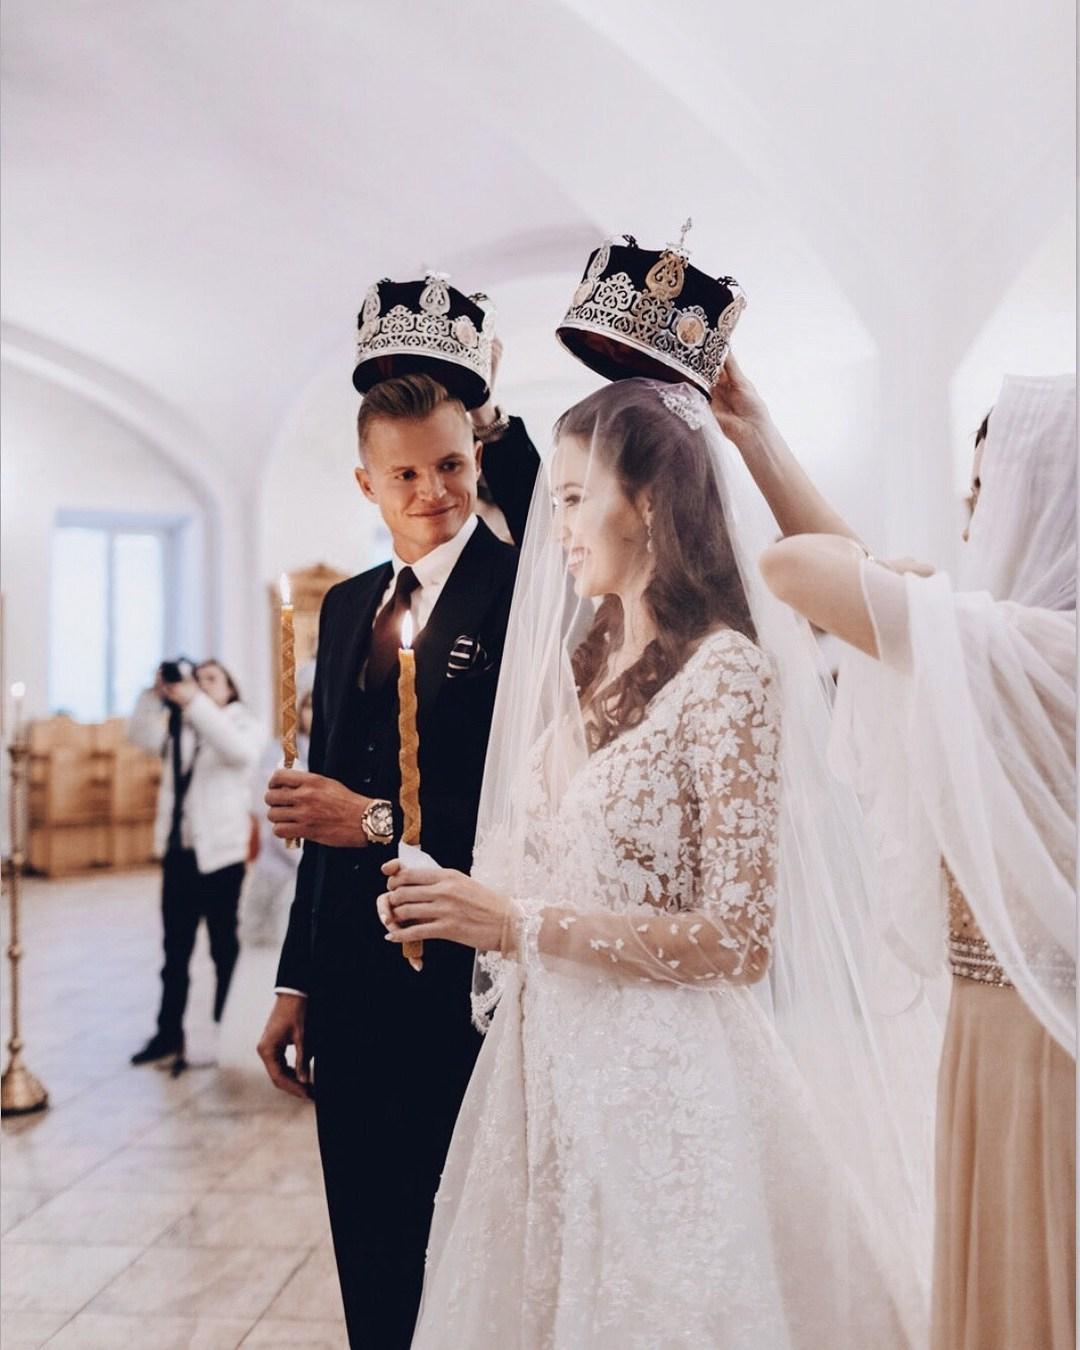 Костенко и Тарасов показали свое венчание, но подверглись жесткой критике — фото